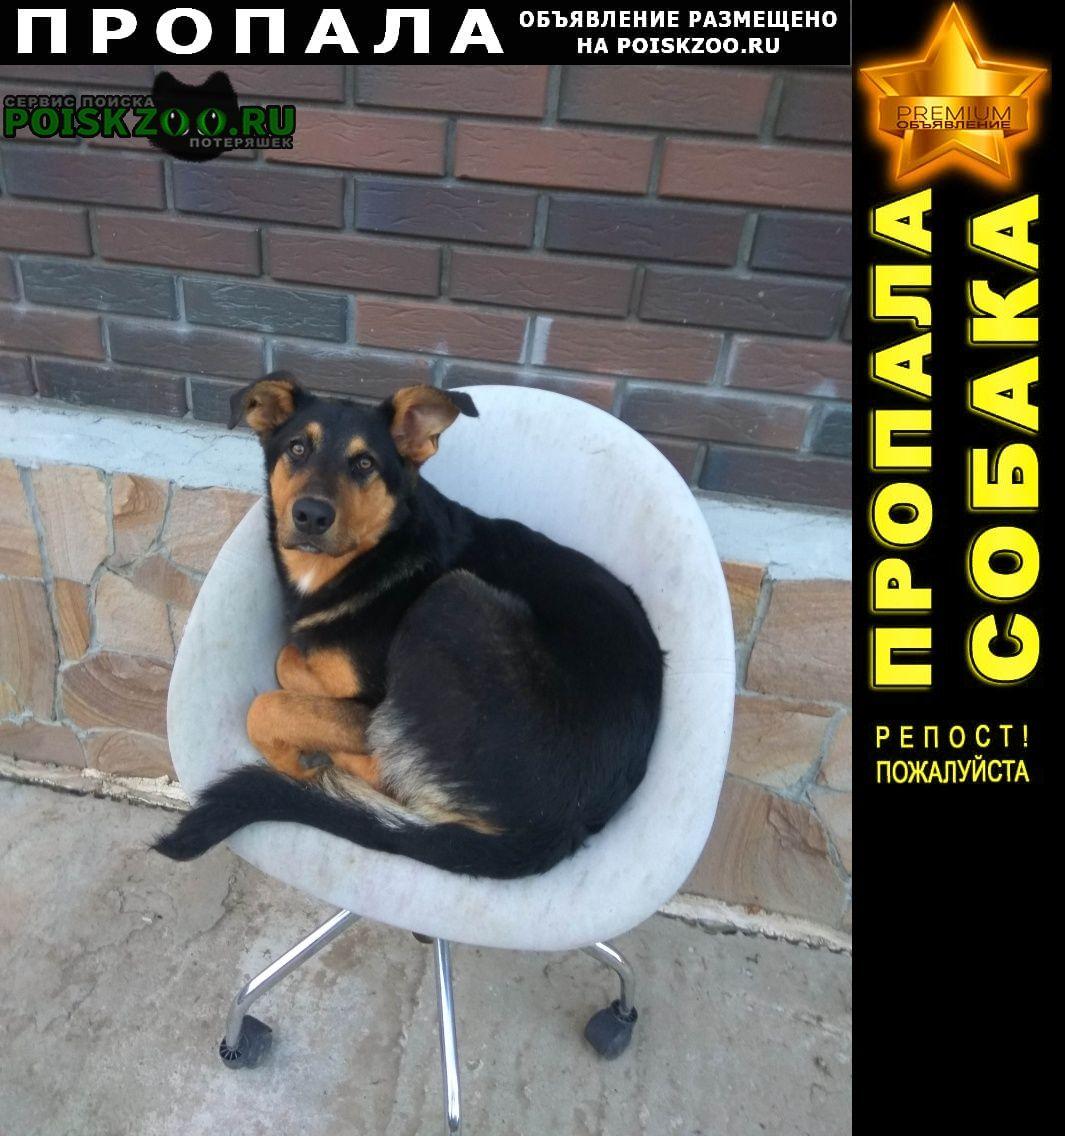 Пропала собака Солнечногорск